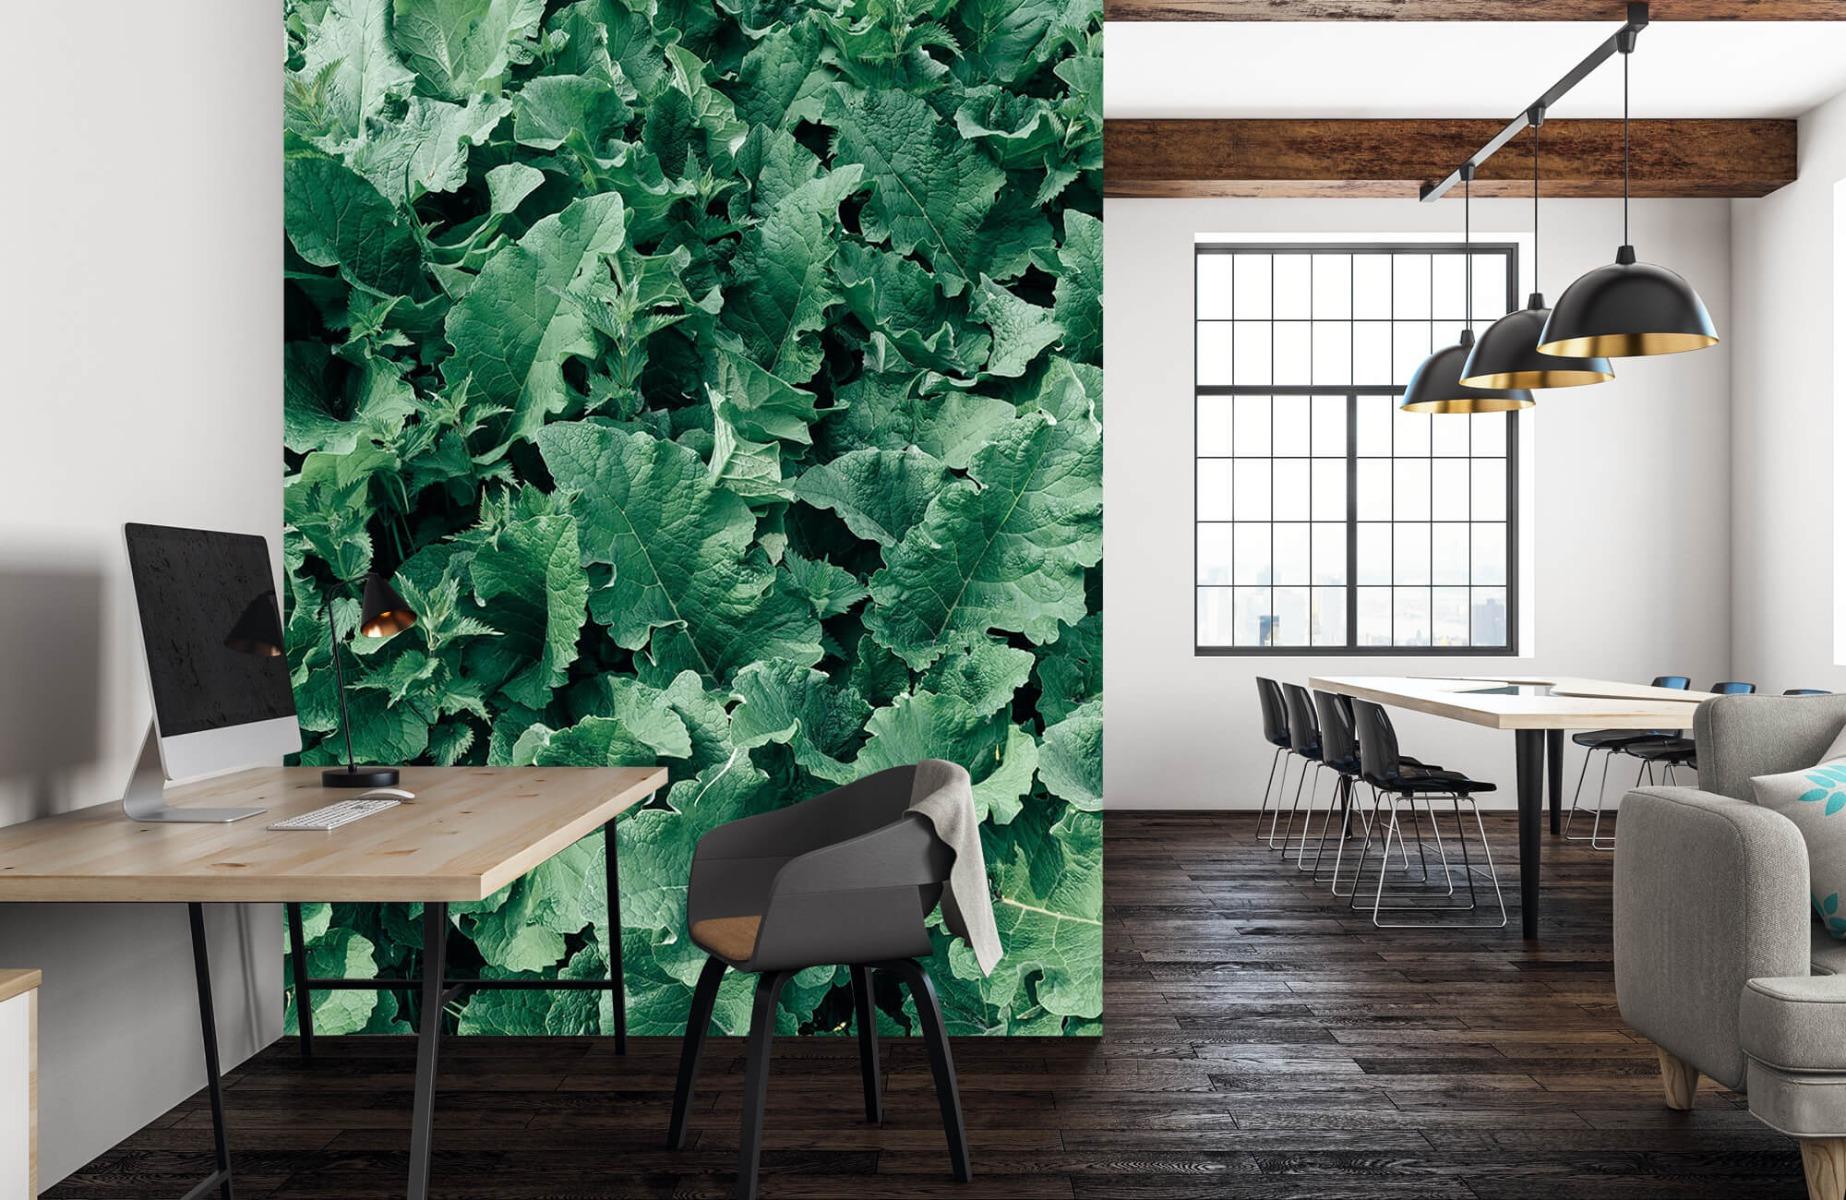 Bladeren - Gedetailleerd groen bladerdek - Wallexclusive - Slaapkamer 22